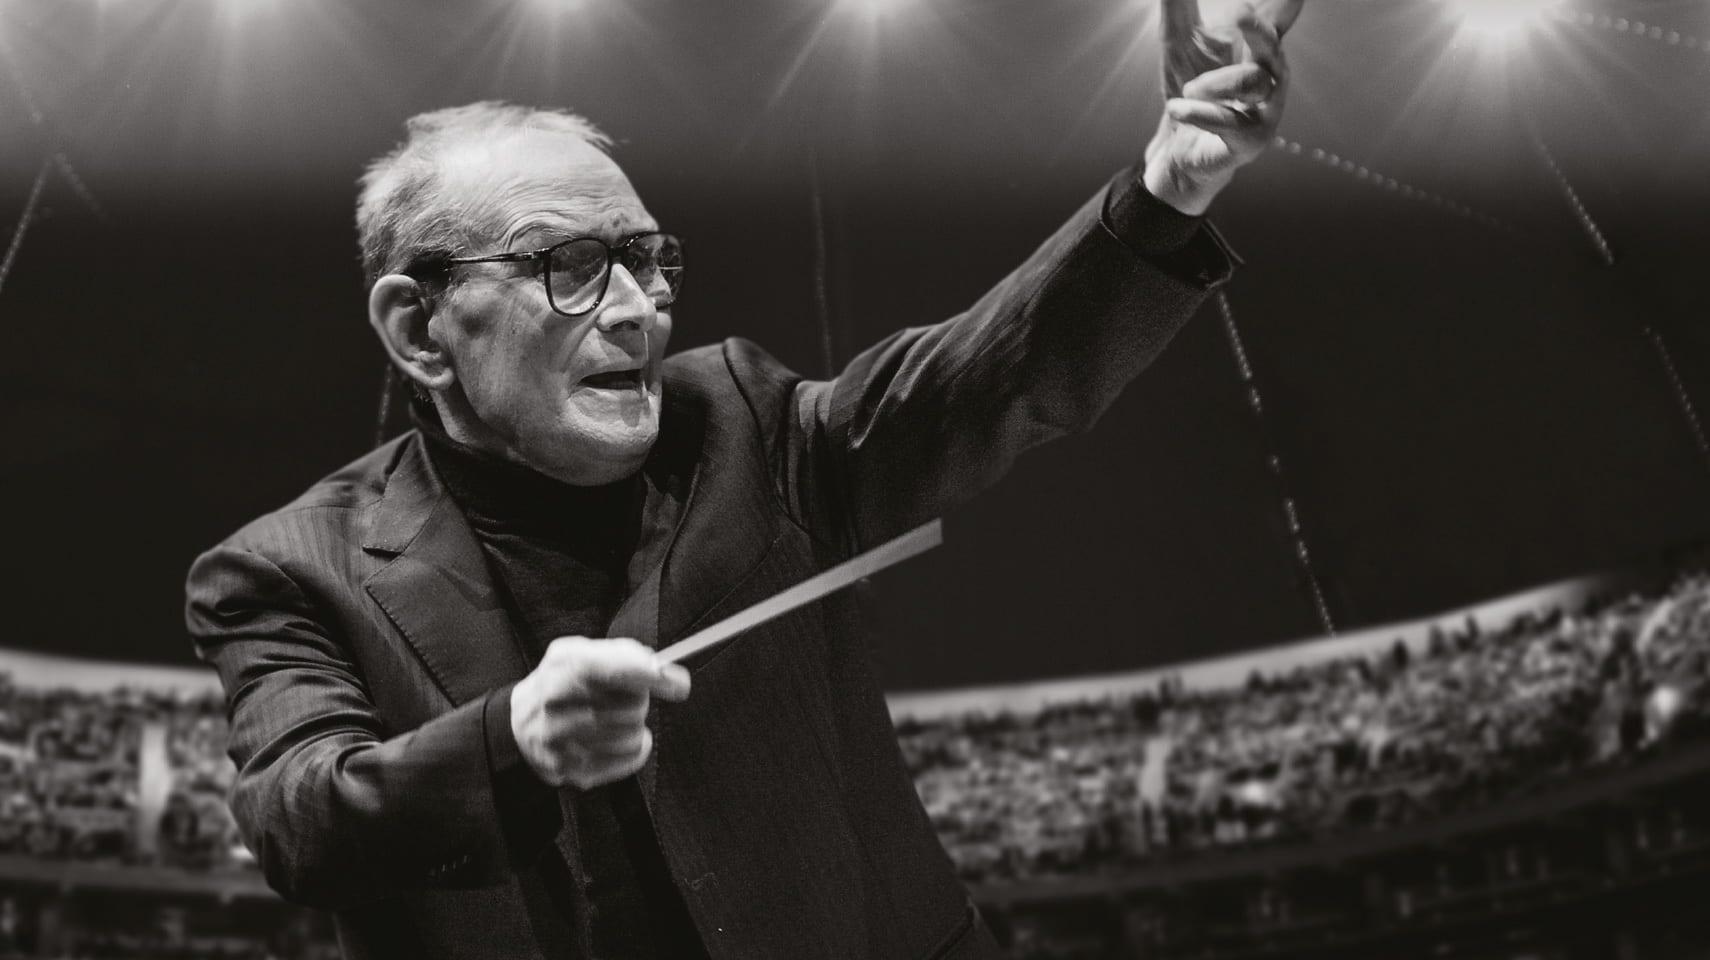 Ennio Morricone è morto, ci lascia l'amato compositore Premio Oscar